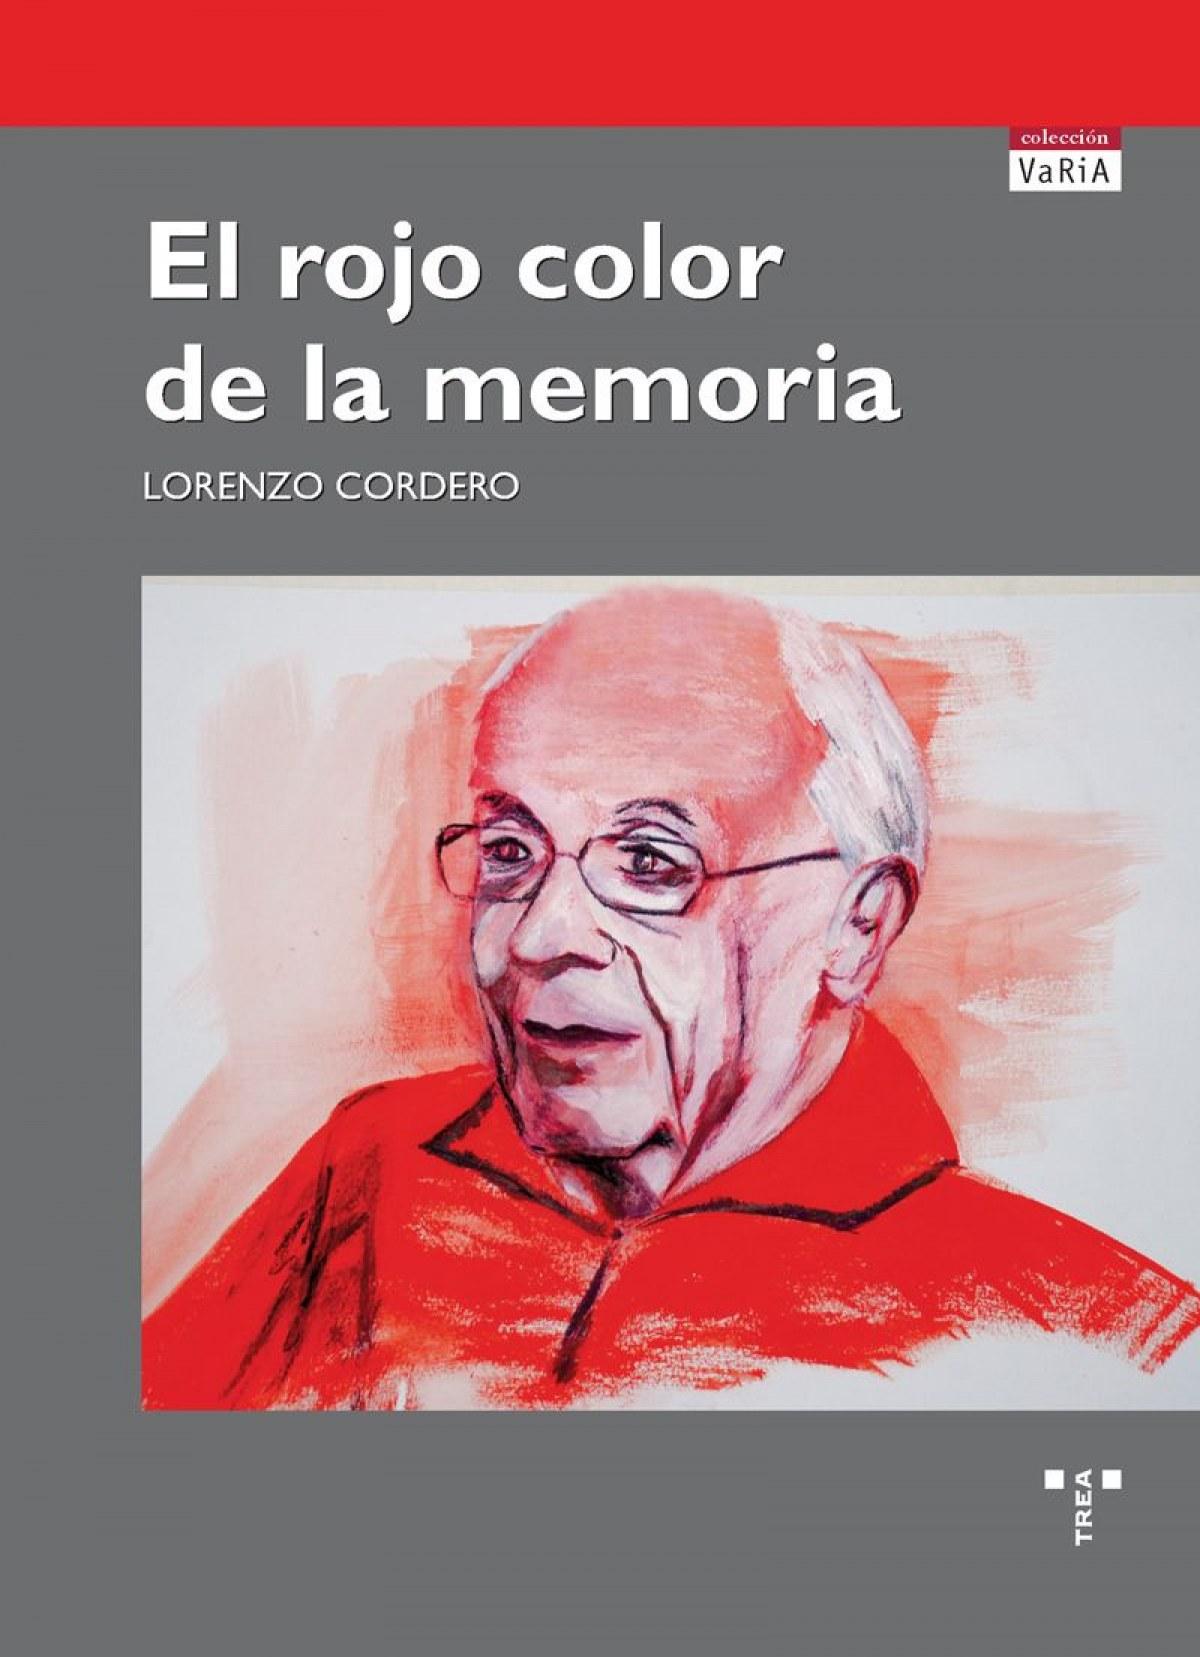 EL ROJO COLOR DE LA MEMORIA